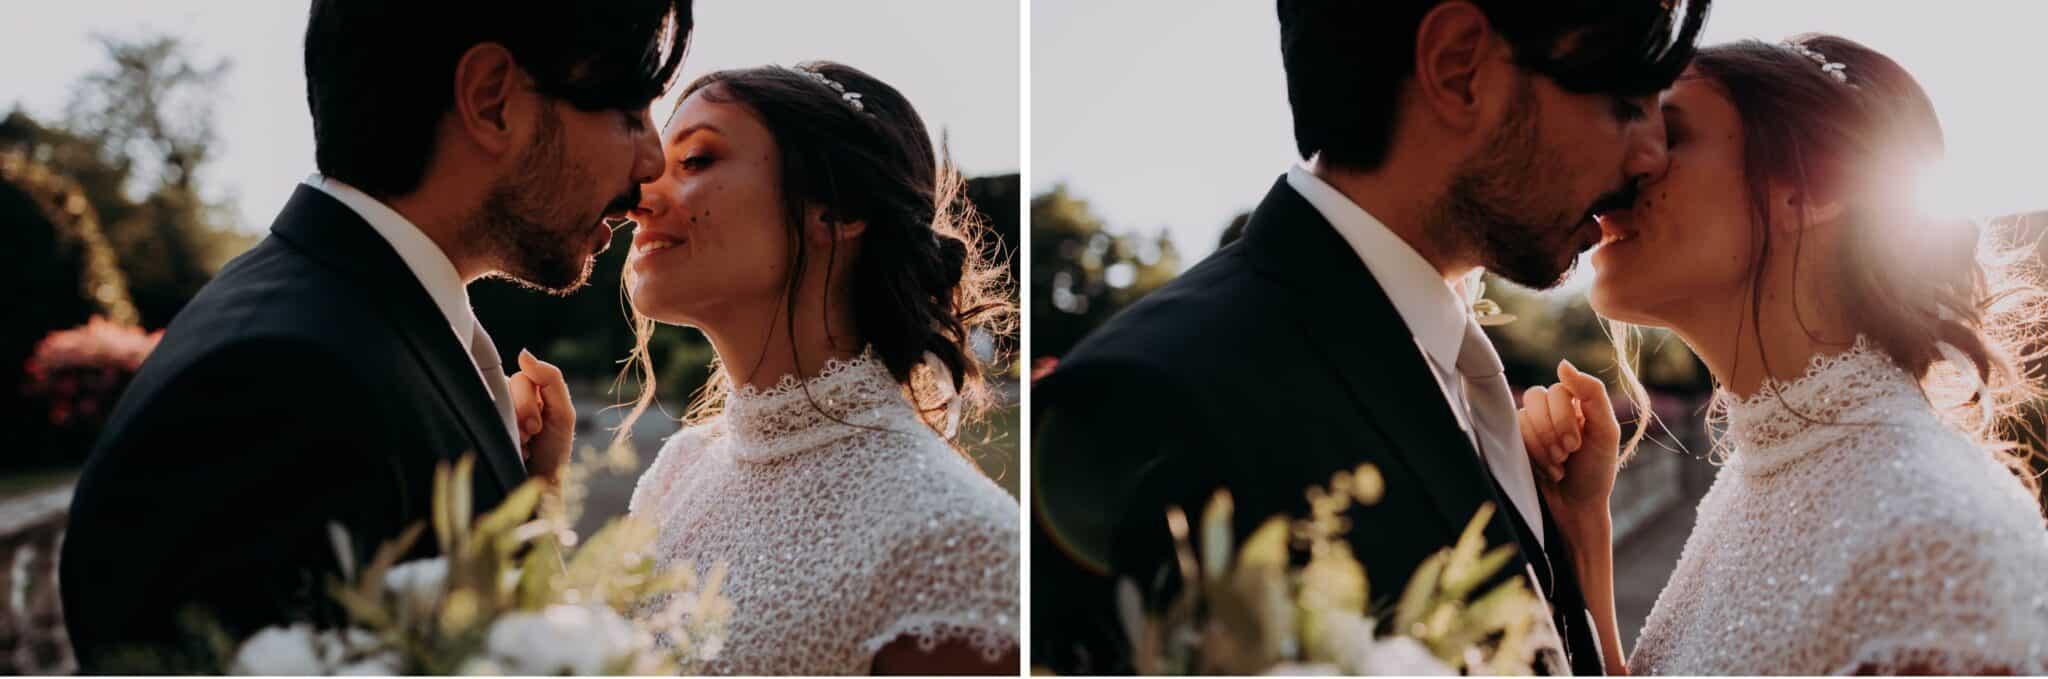 matrimonio romantico a Villa Grabau di Lucca